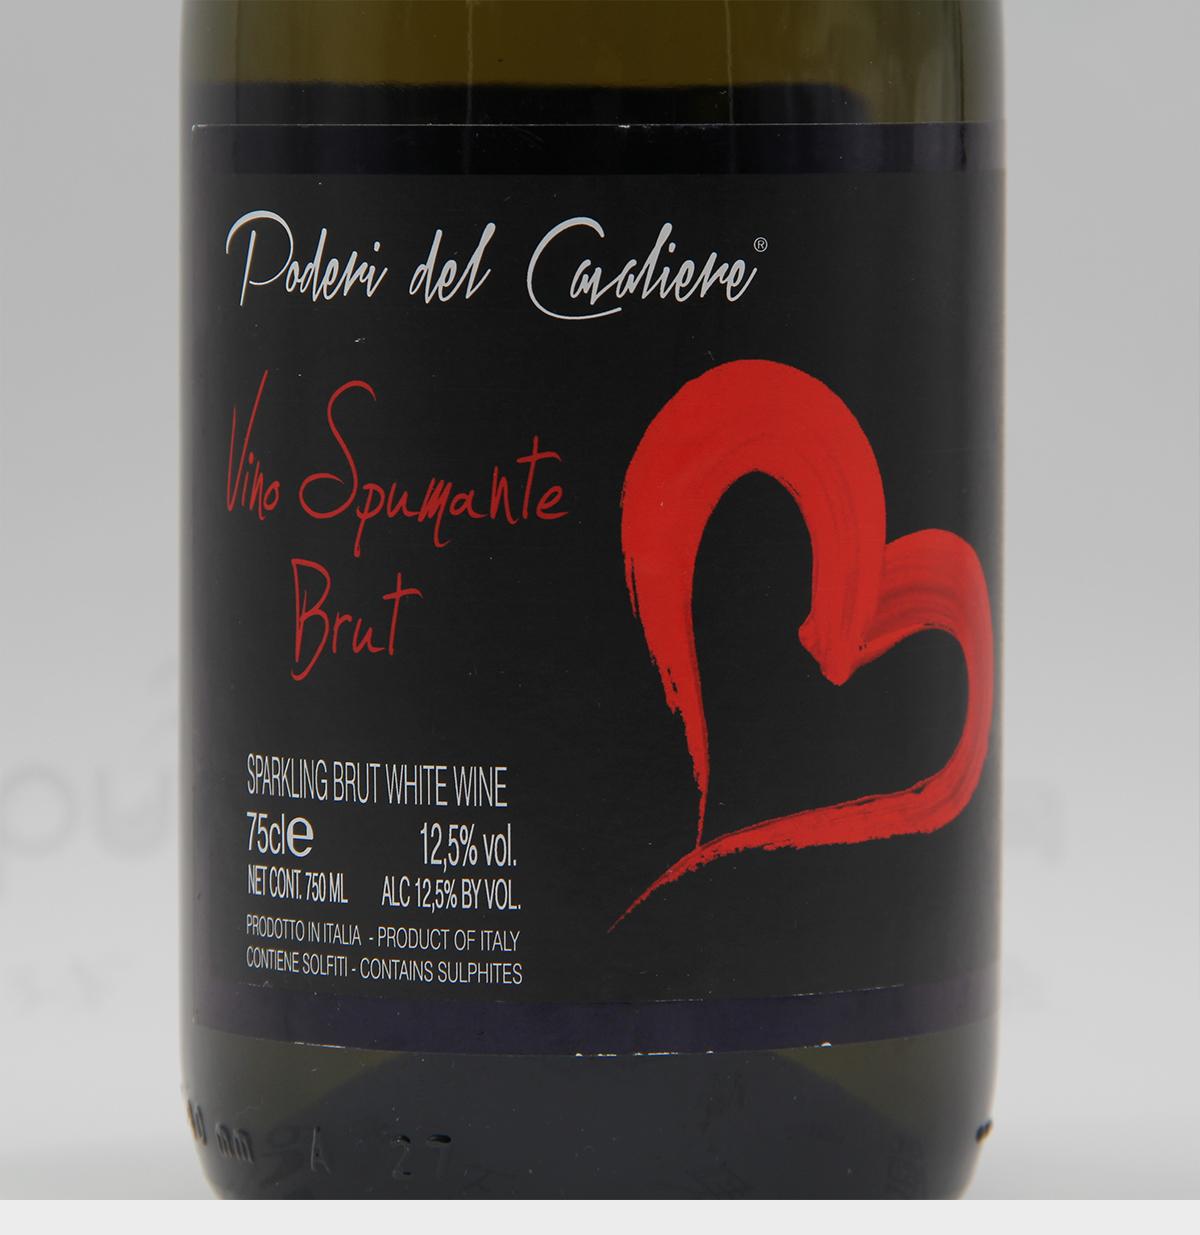 意大利皮埃蒙特德格里约酒庄骑士之地黑比诺天然干型起泡葡萄酒